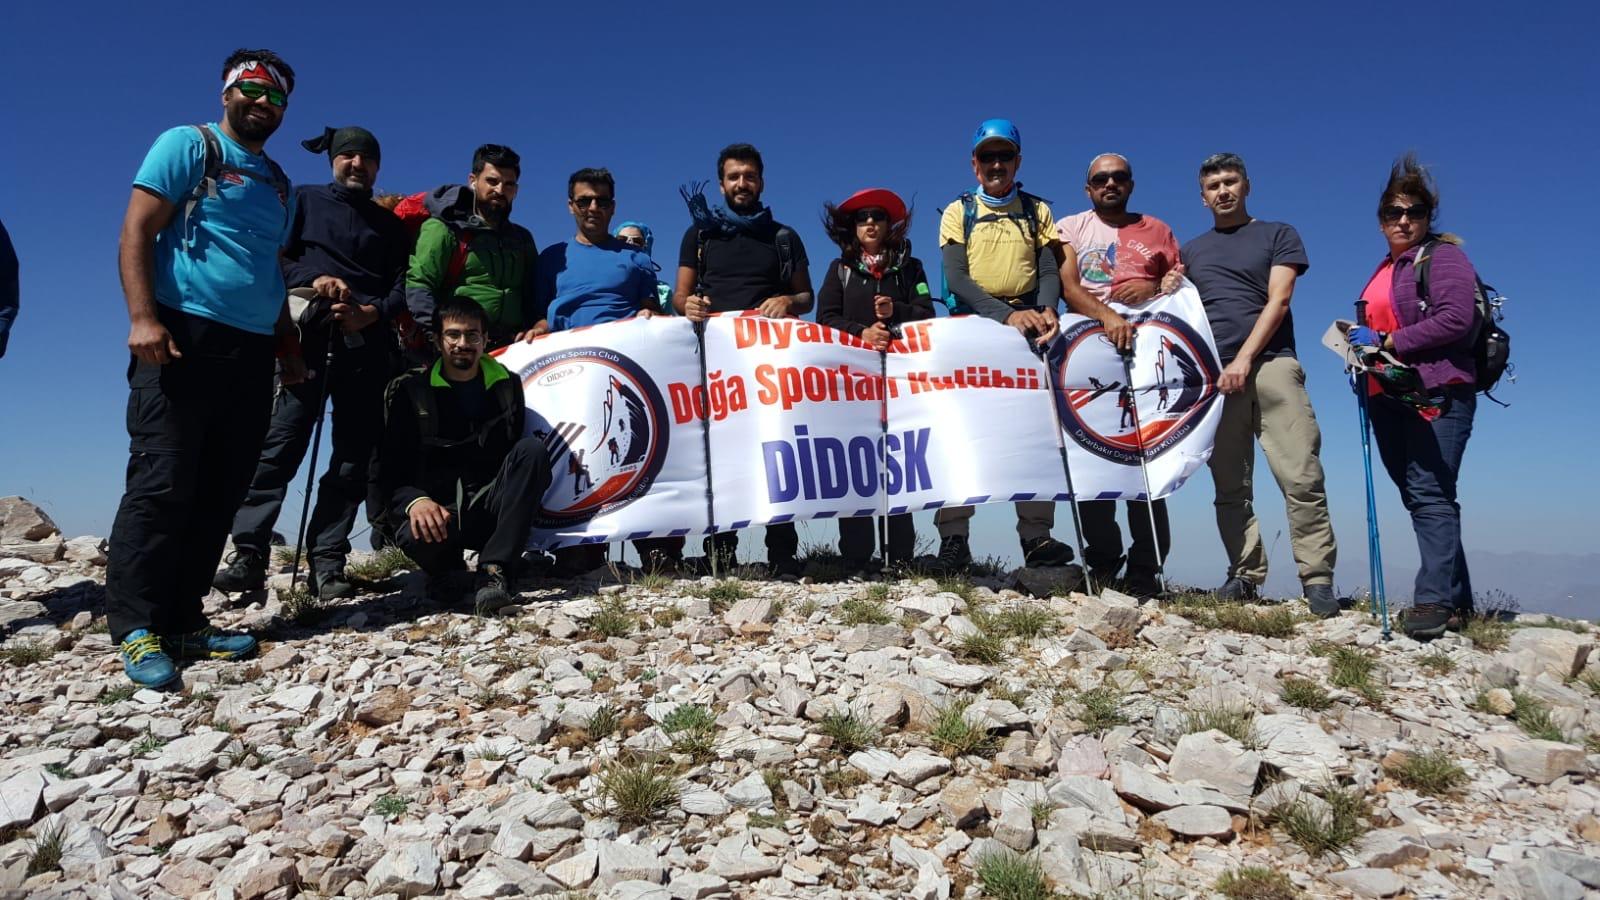 Diyarbakır Doğa Sporları Kulübü Andok Dağı tırmanışını gerçekleştirdi.